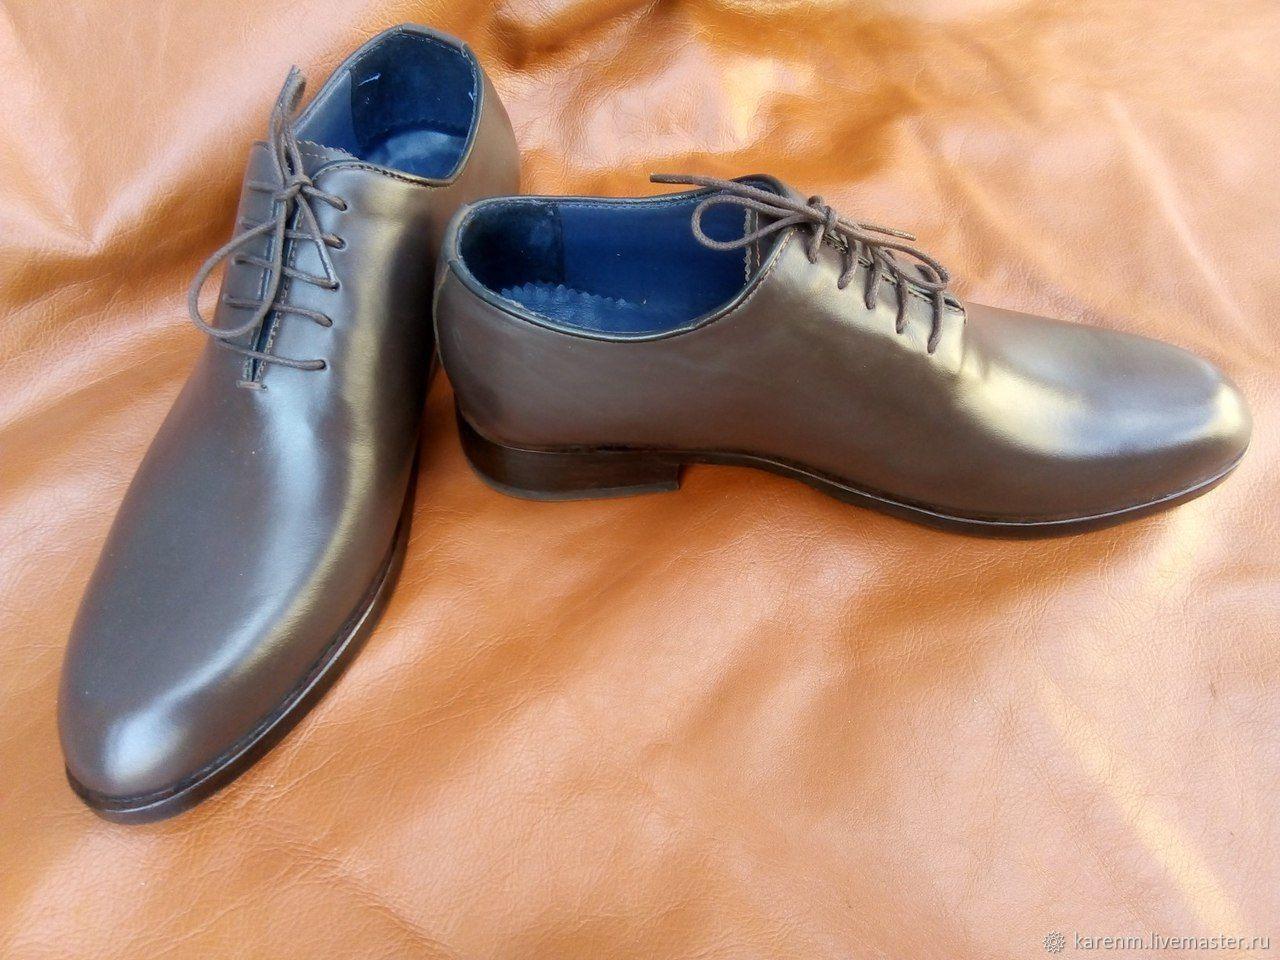 Обувь ручной работы. Ярмарка Мастеров - ручная работа. Купить Цельнокроеная классика. Handmade. Коричневый, кожаная обувь, кожаная подошва